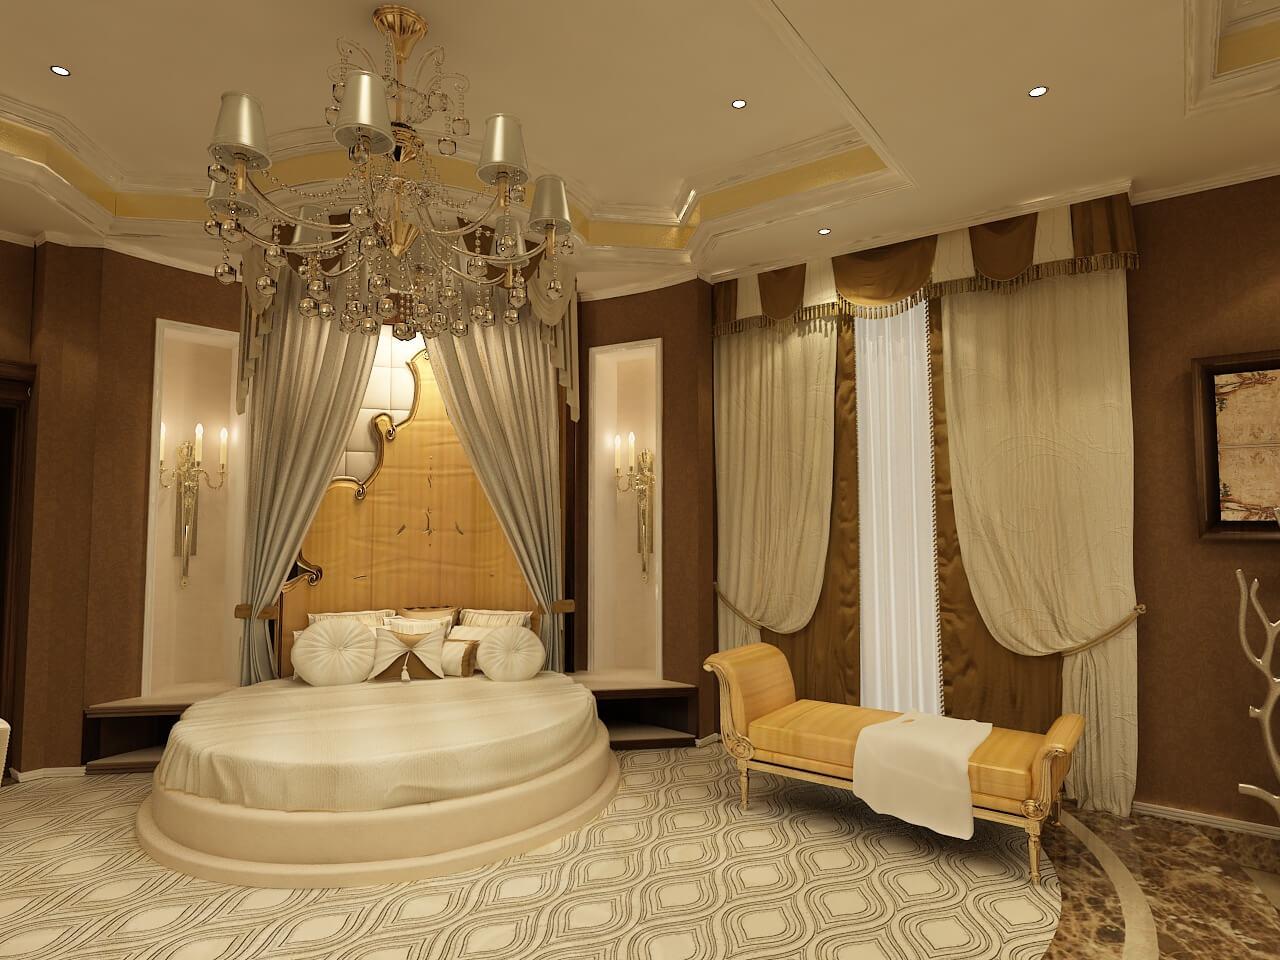 Private Villa, Emirates Hills - 21